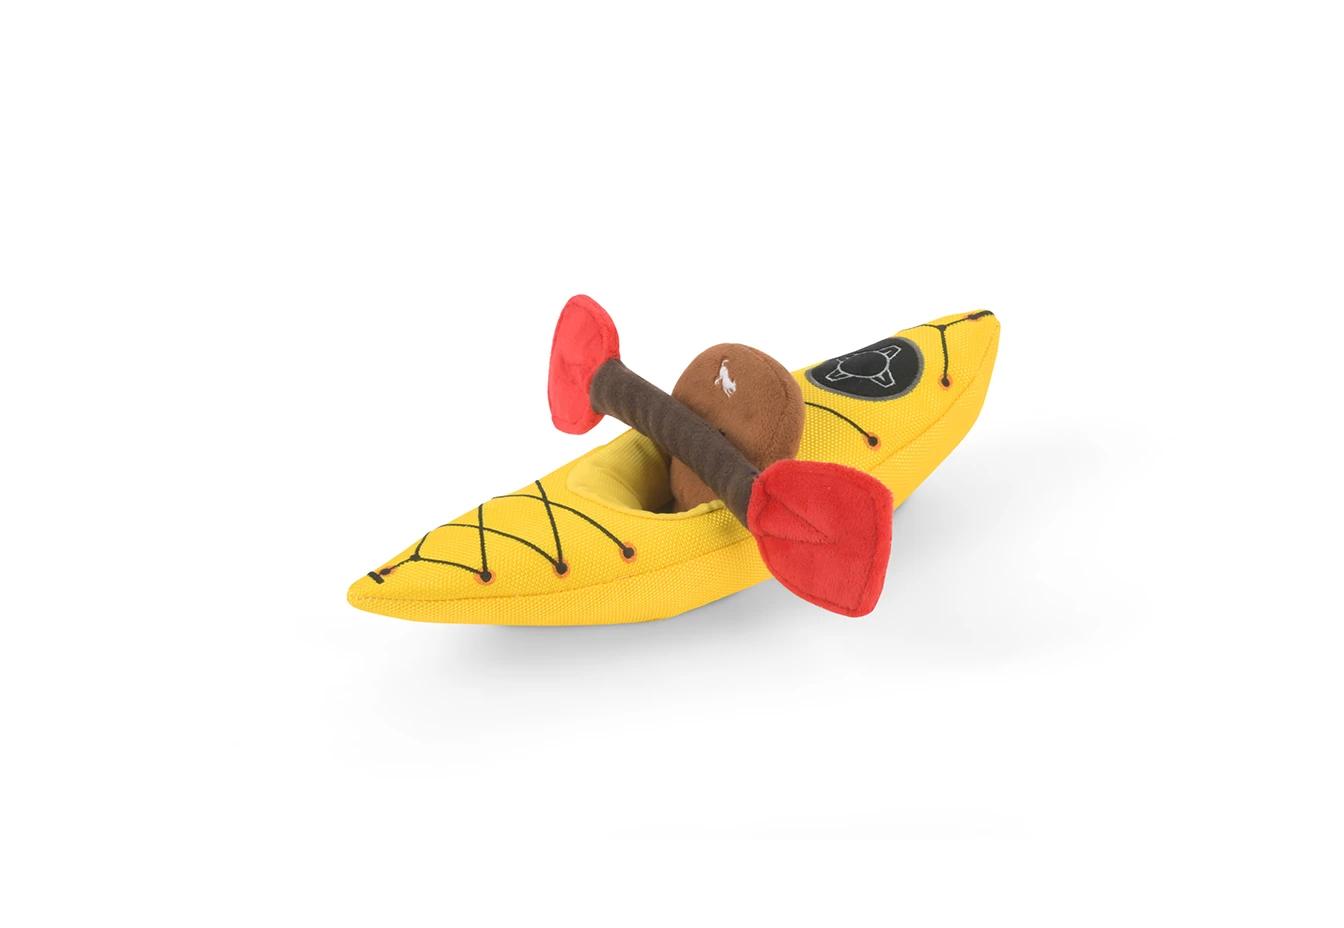 K9 Kayak